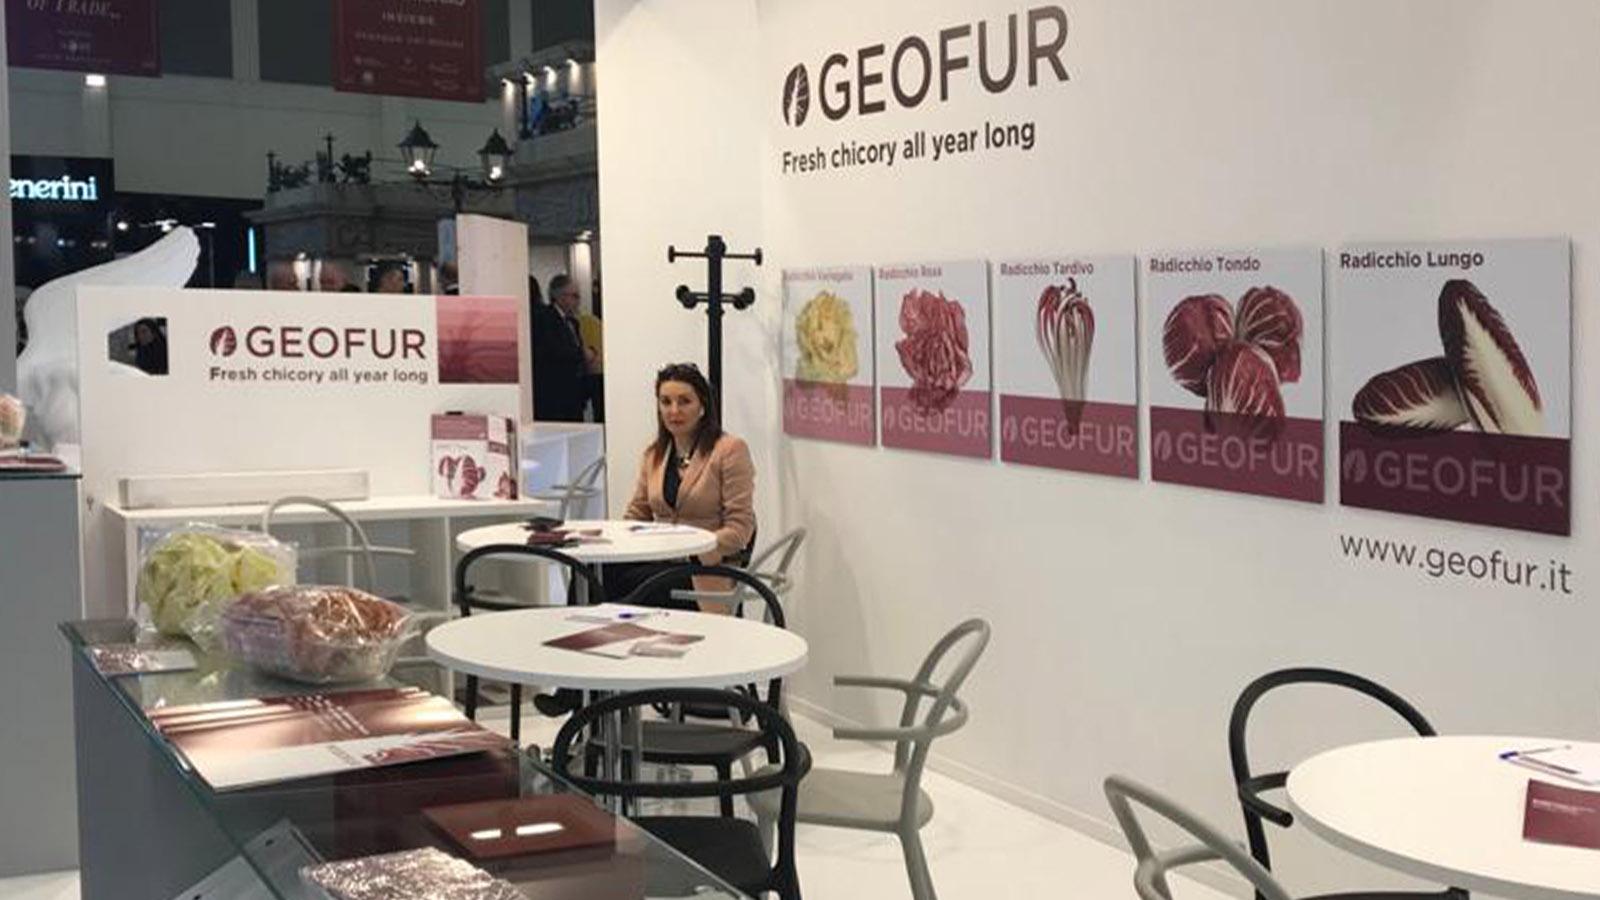 geofur-fruitlogistica-2020-lato-georfur